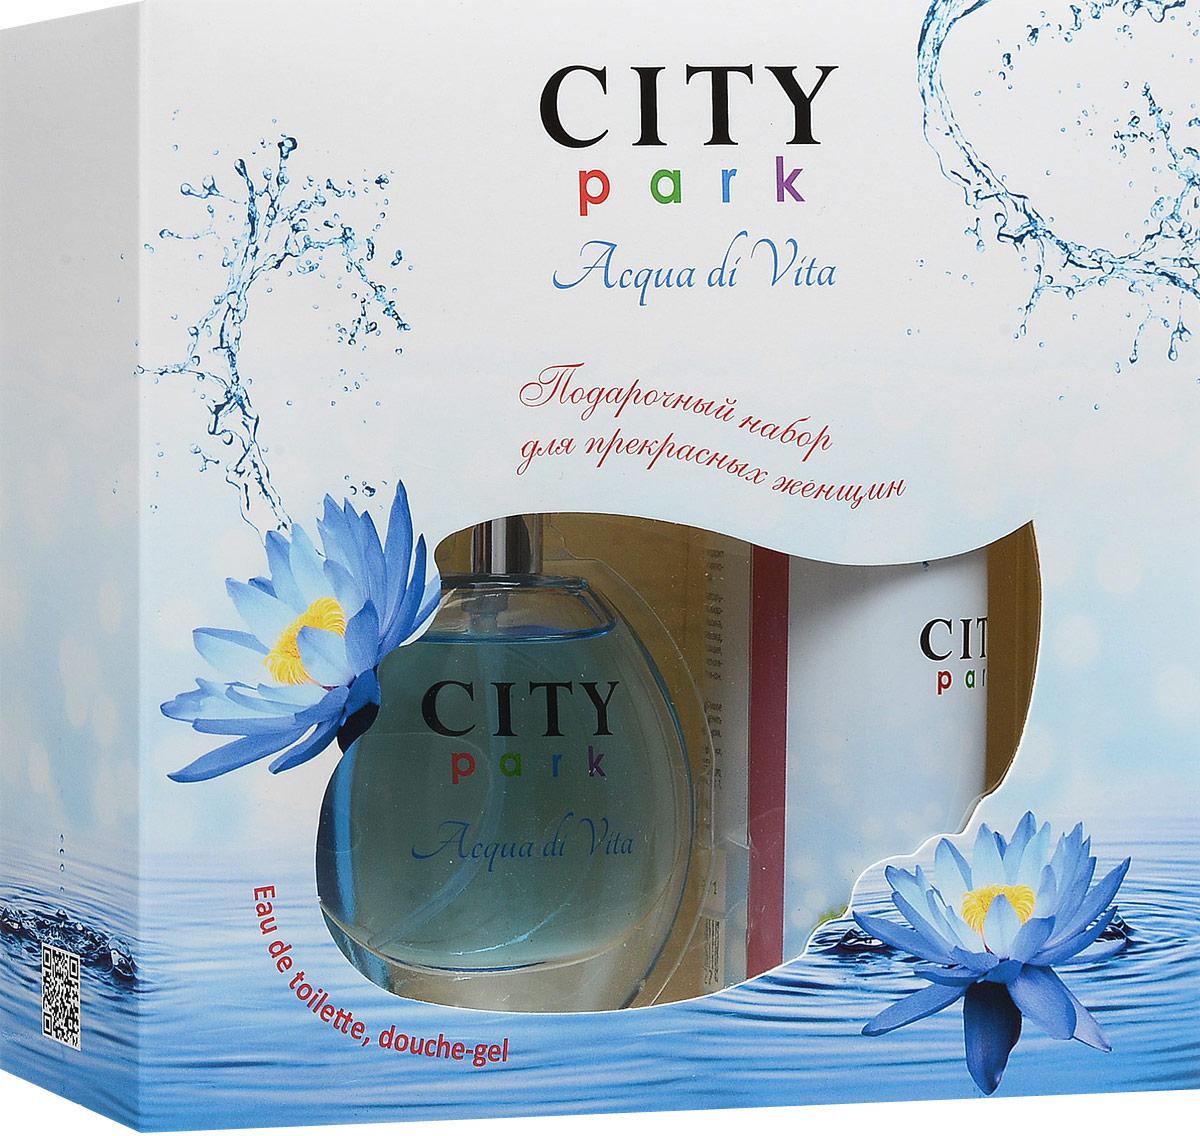 City ParfumПарфюмированный набор:  City Park Acqua di Vita Туалетная вода, 50 мл + Гель для душа, 150 мл City Parfum